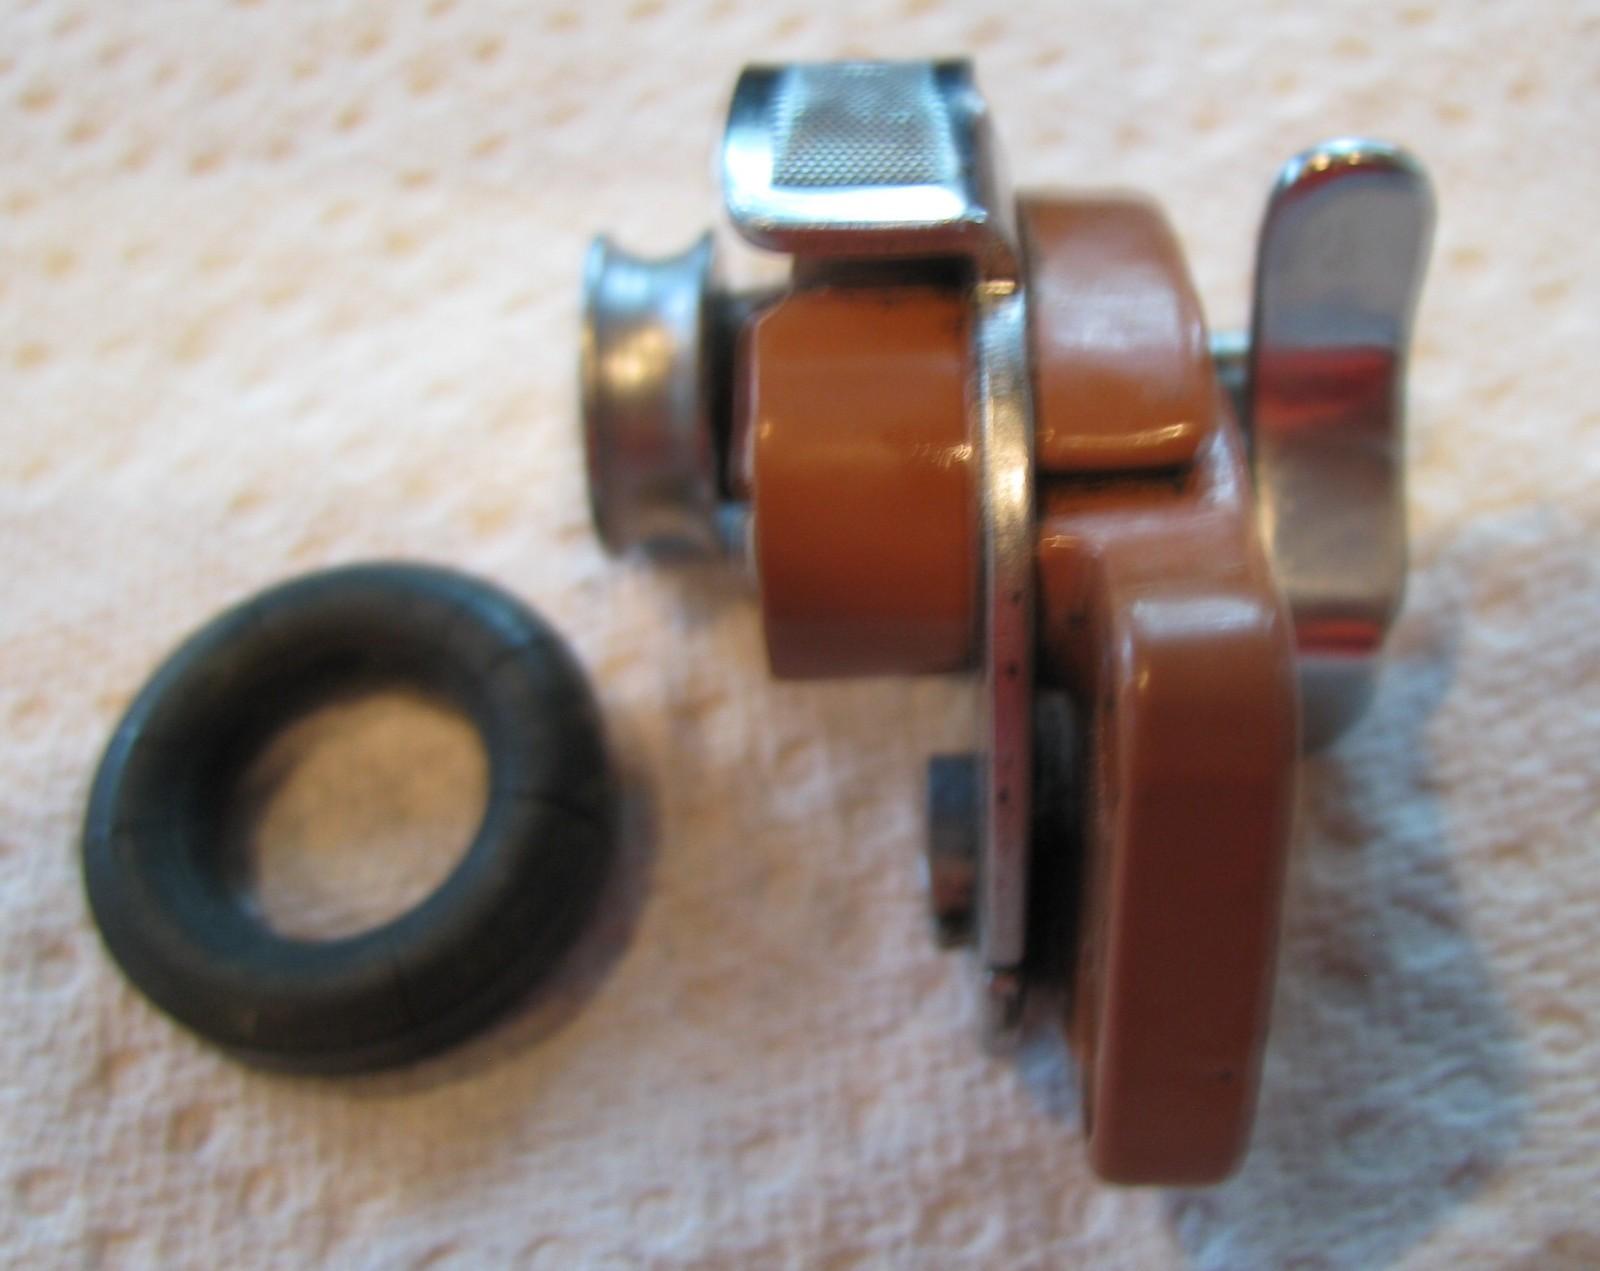 kenmore sewing machine bobbin winder